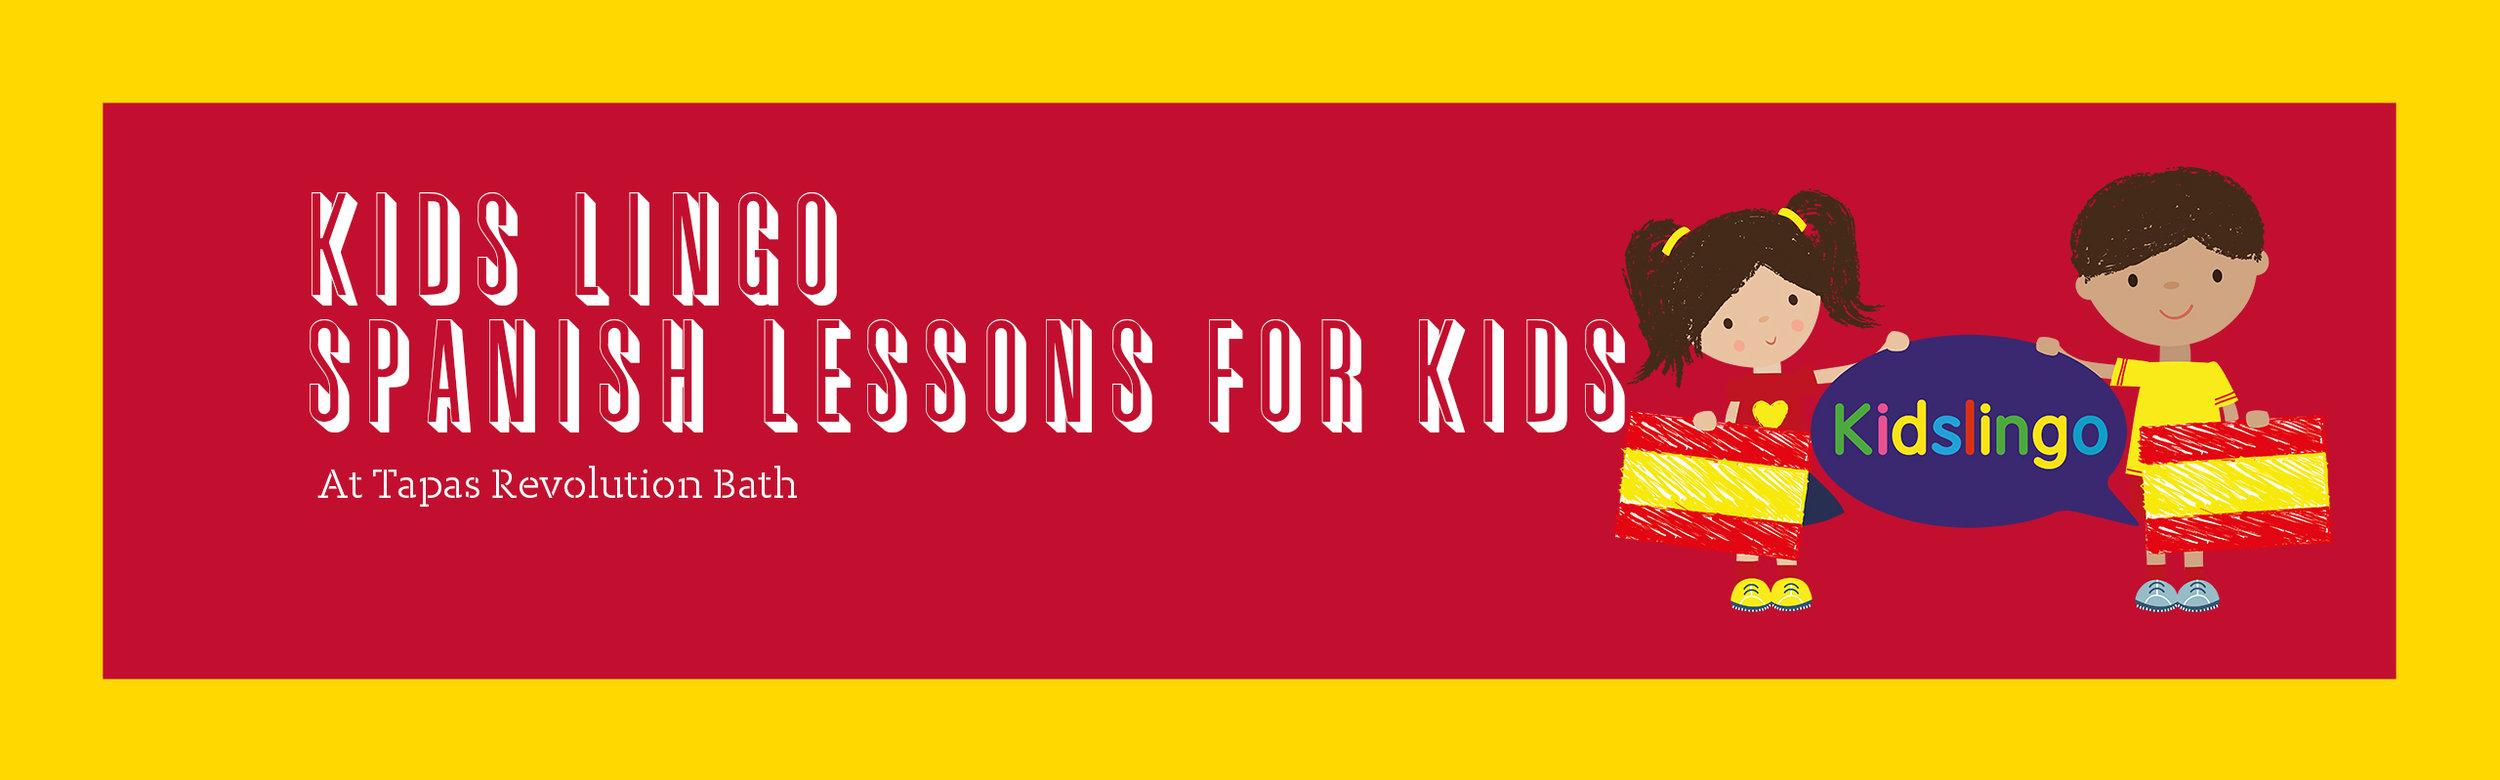 Kids-Page-Banner.jpg